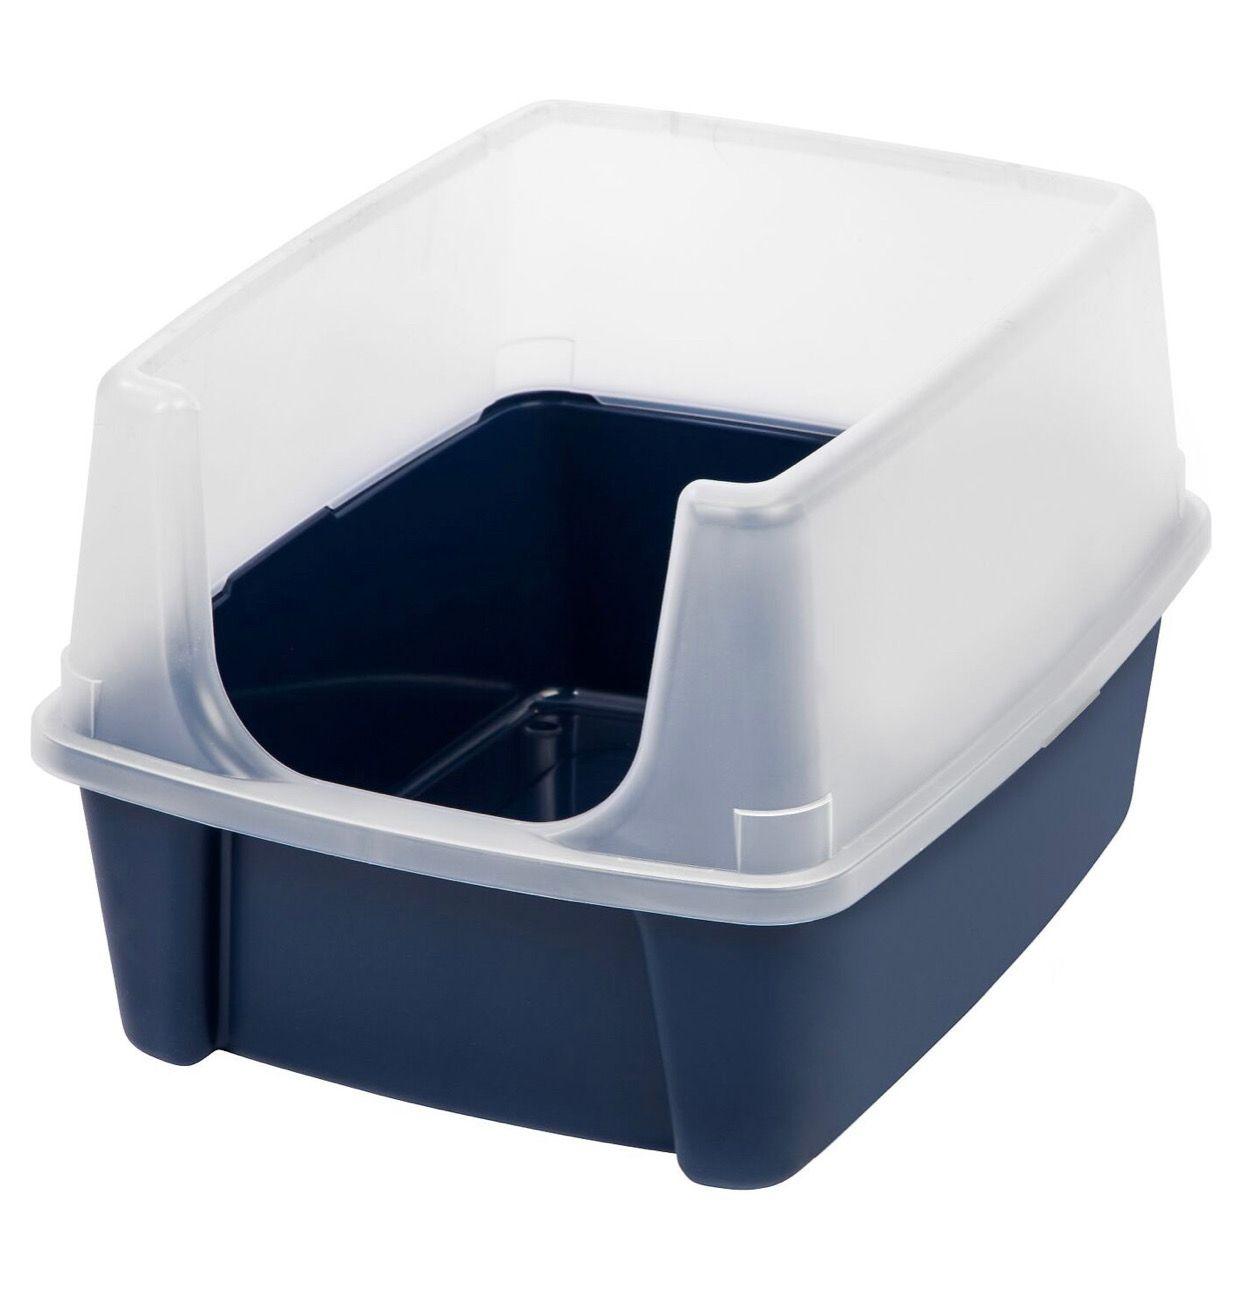 Open Top Litter Box 19x15x11 75 Litter Box Cat Litter Box Litter Box Covers